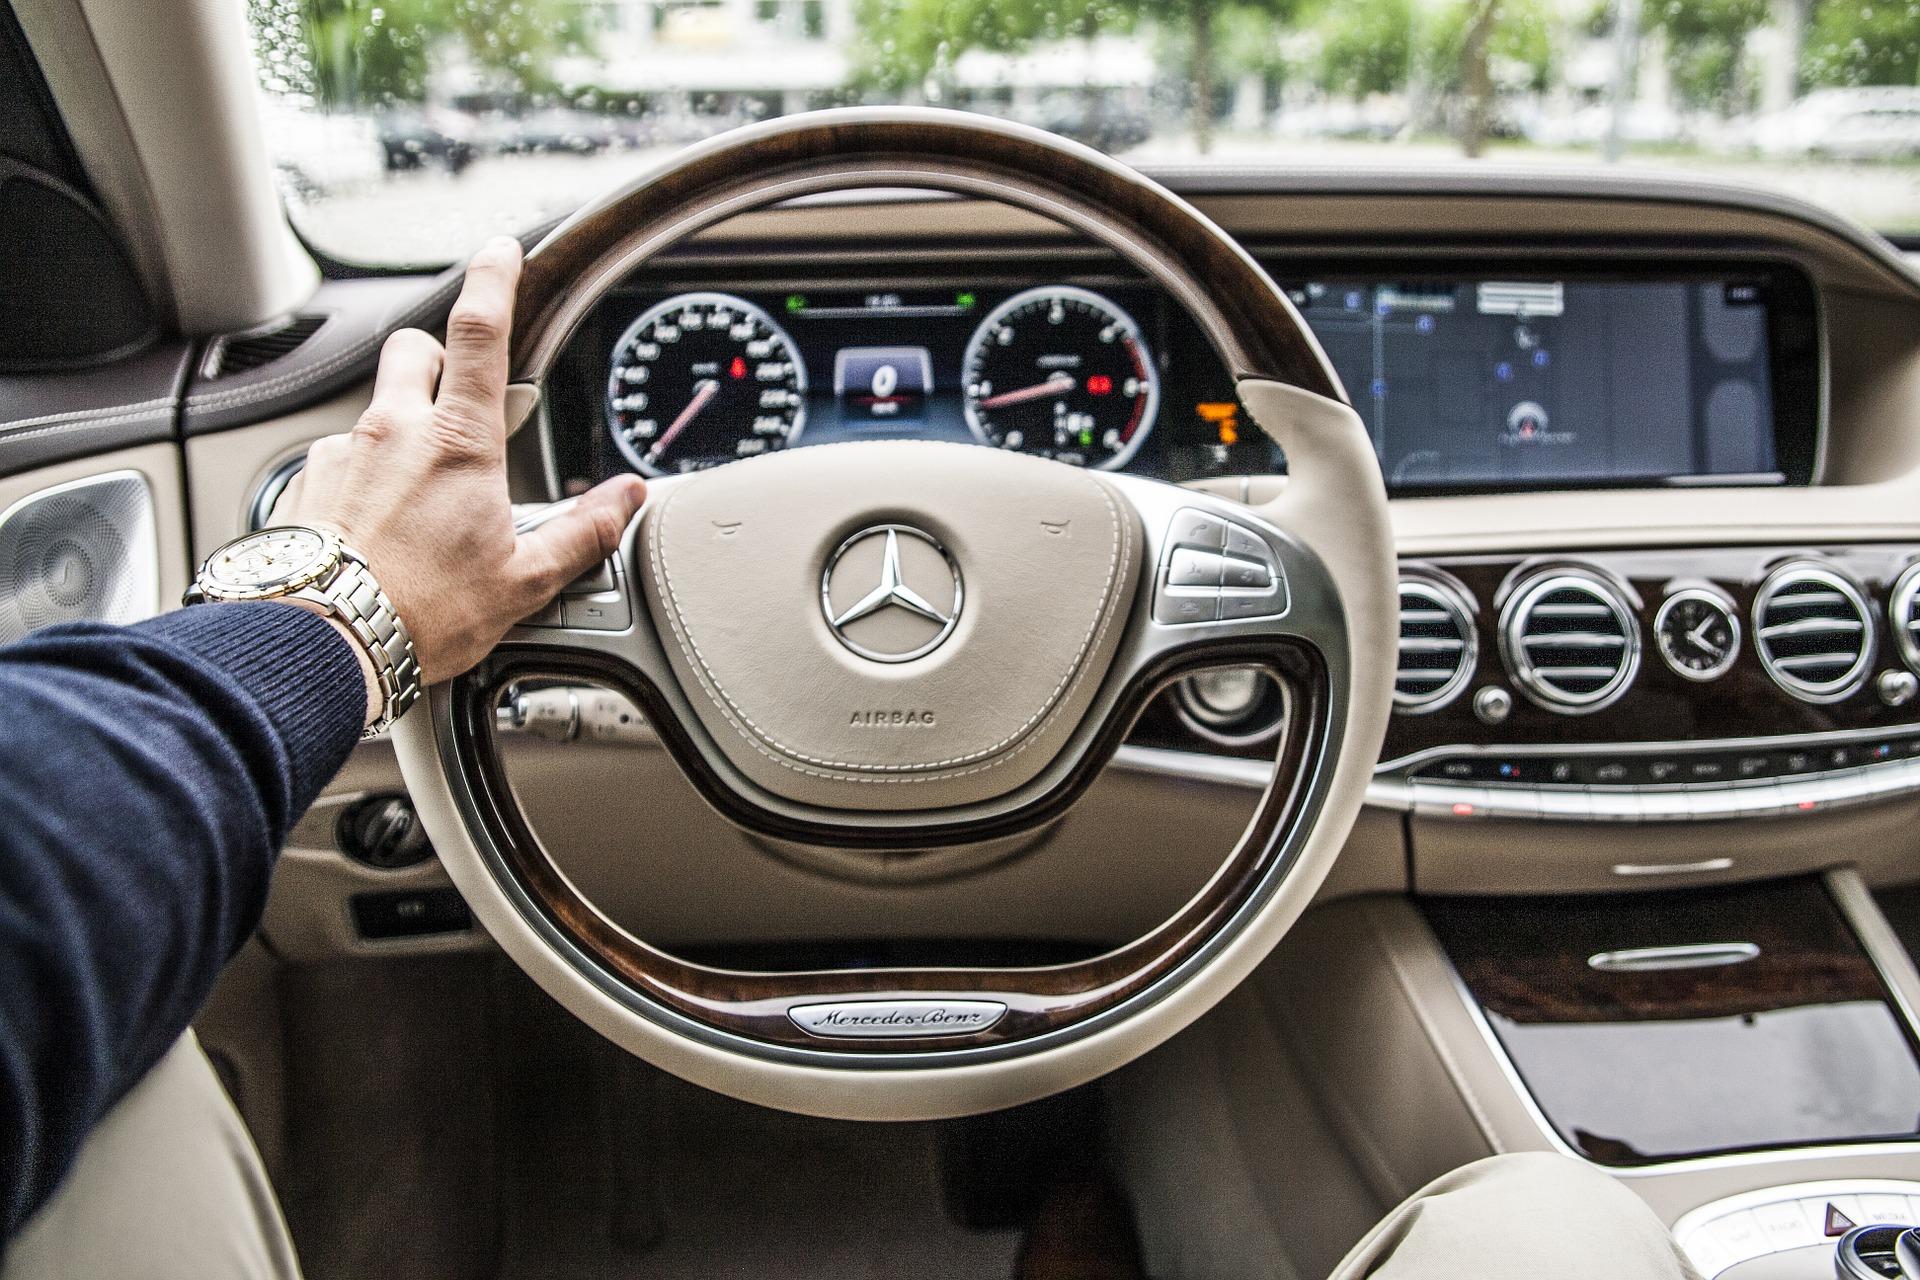 Эксперт объяснил дефицит новых автомобилей на российском рынке